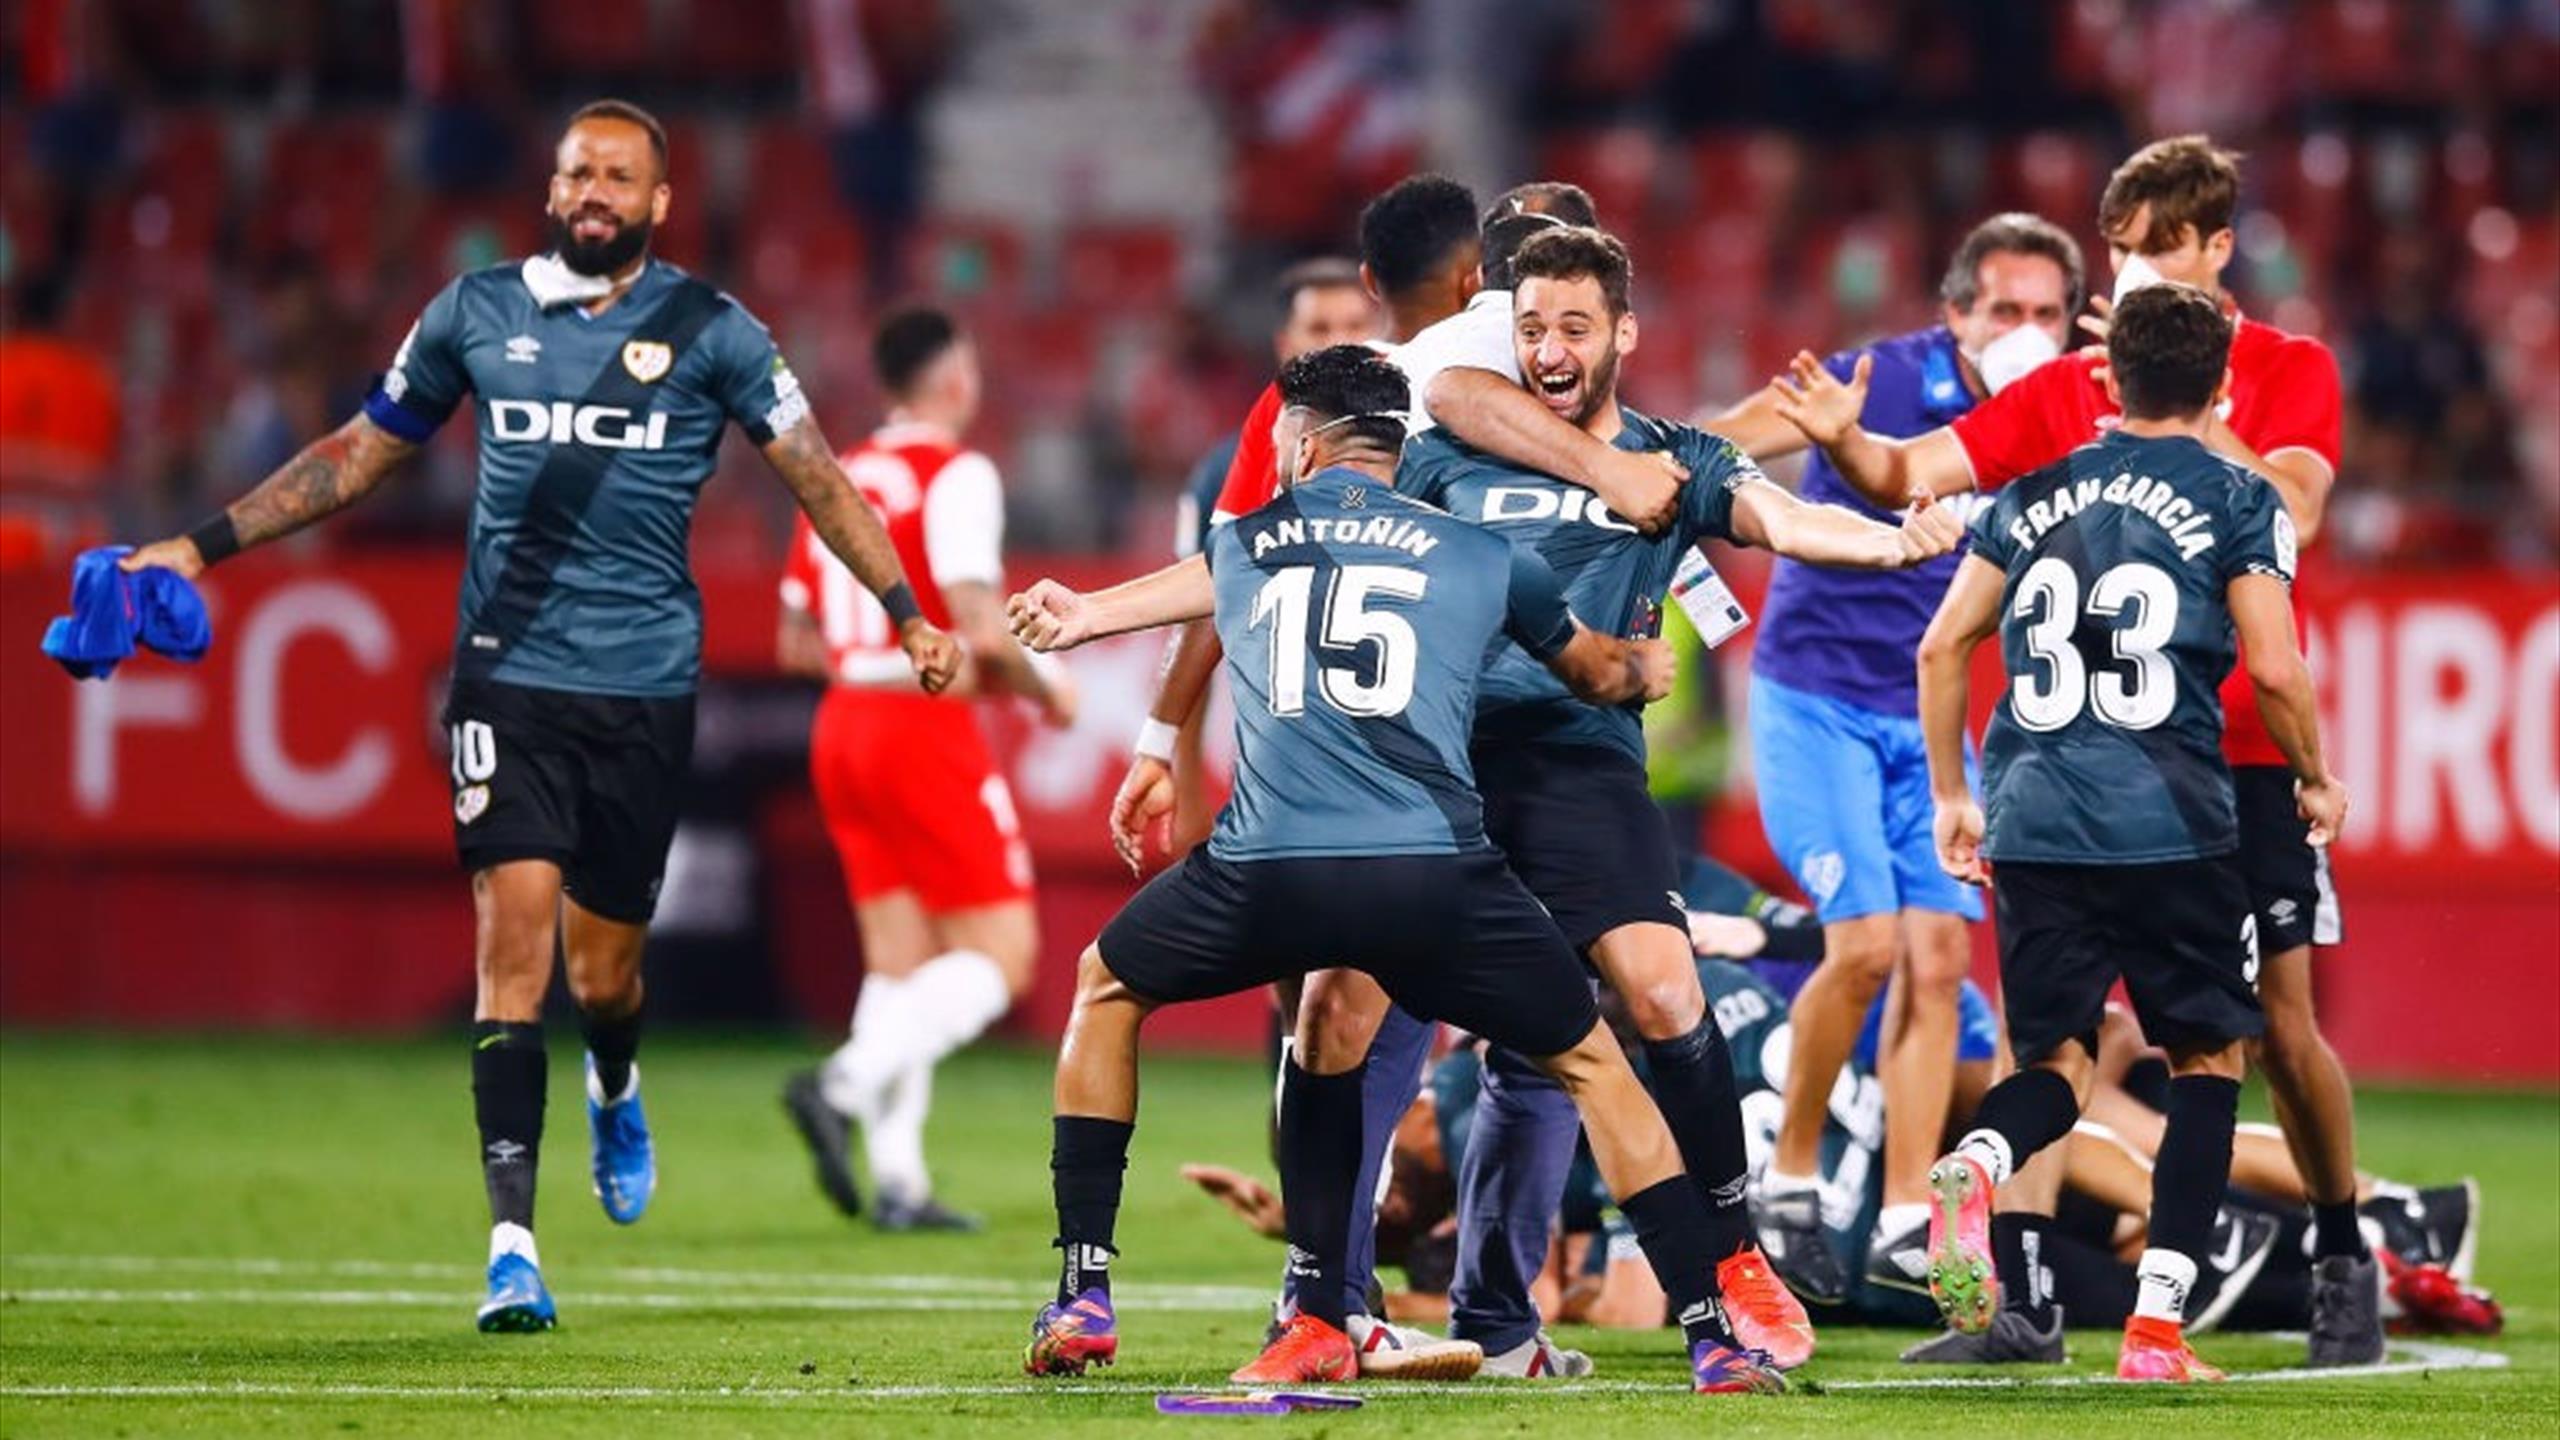 Heróico ascenso del Rayo tras remontar en Girona y acabar con diez jugadores